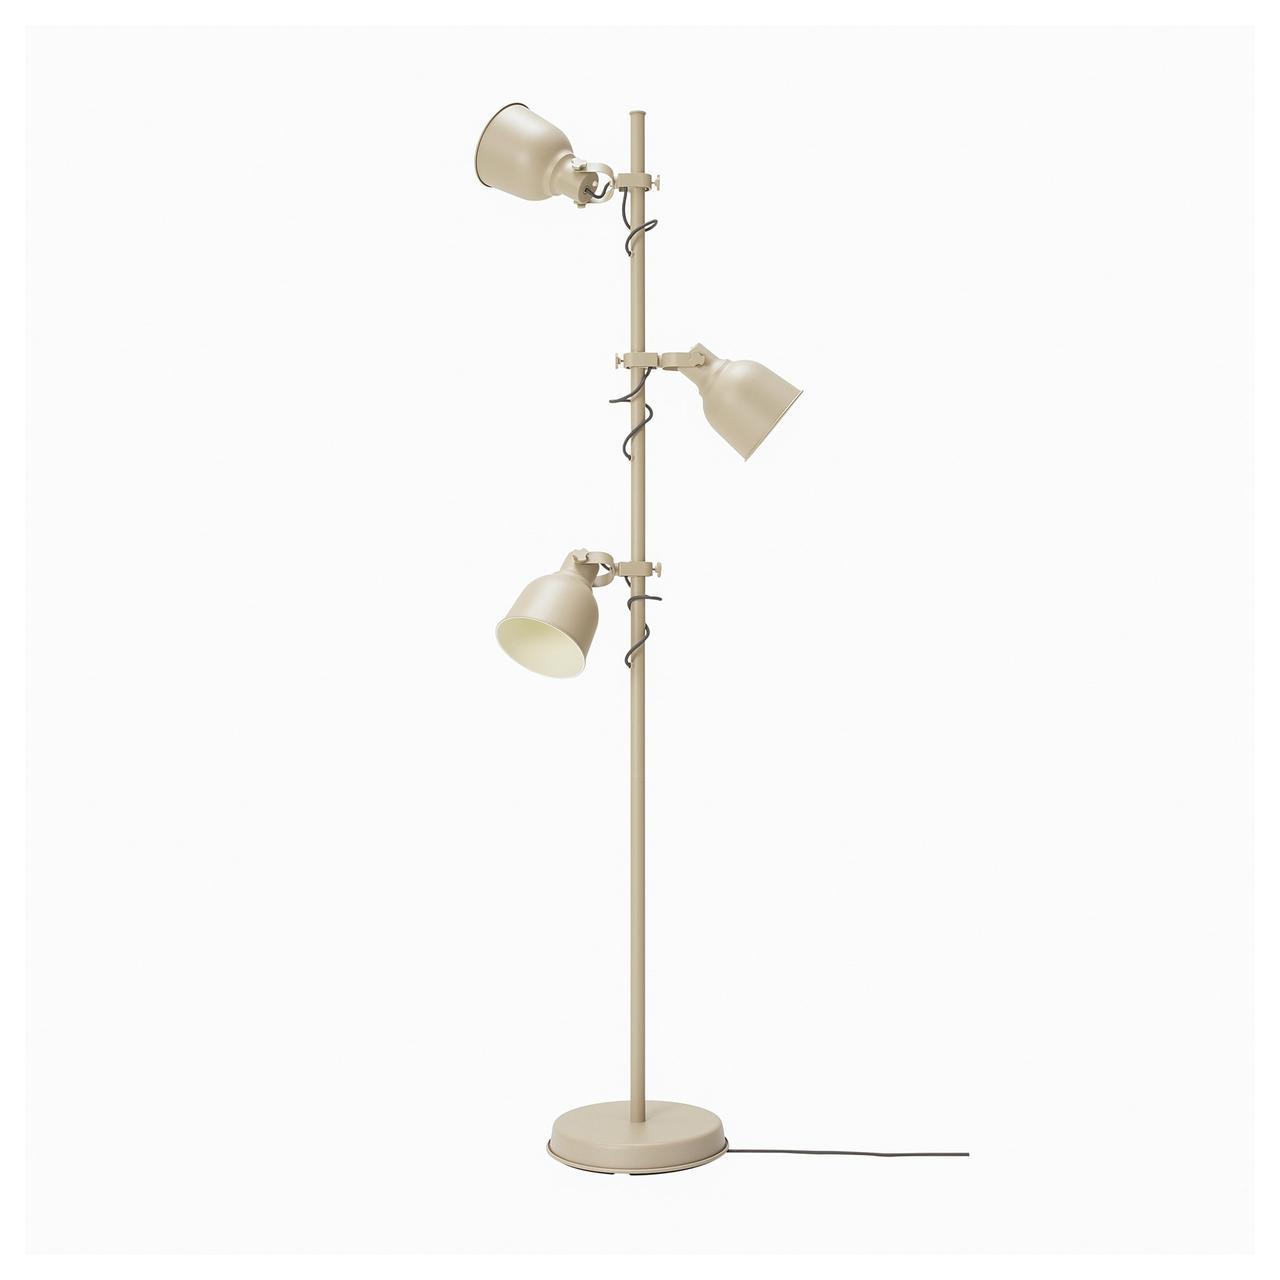 ХЕКТАР Светильник напольный с 3 лампами, бежевый